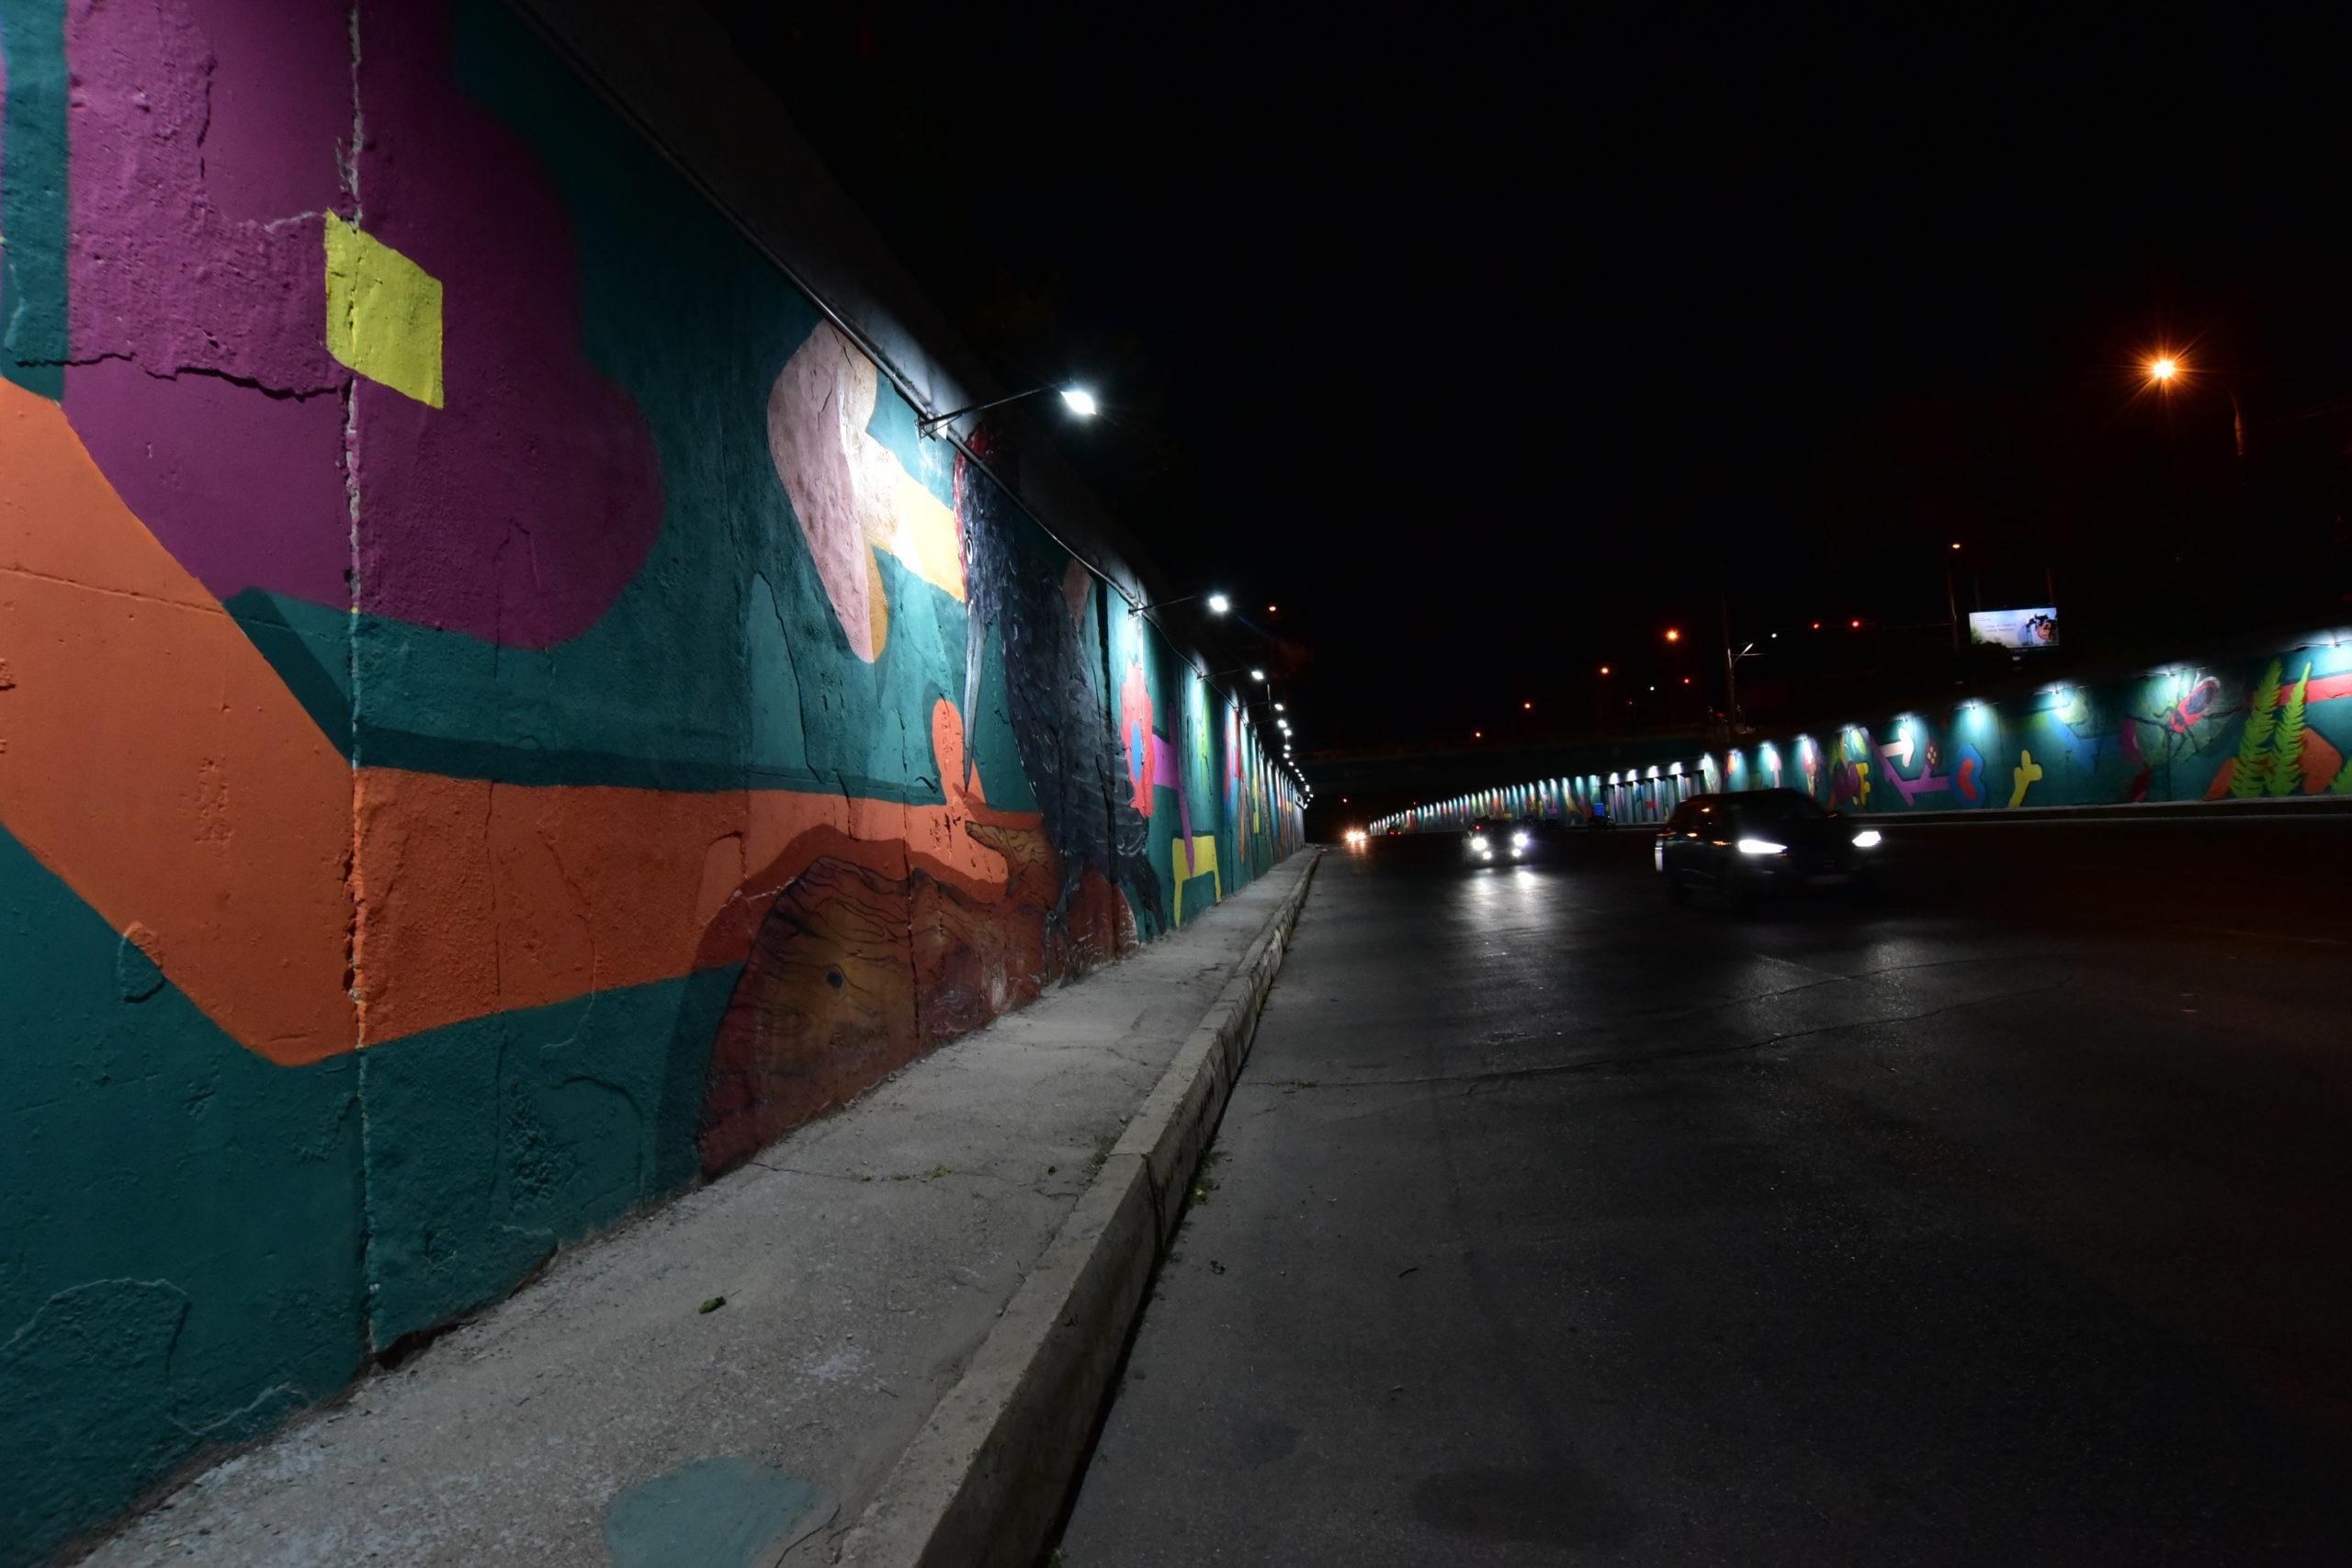 Как выглядит вечером мост наТелецентре, украшенный граффити. Фоторепортаж